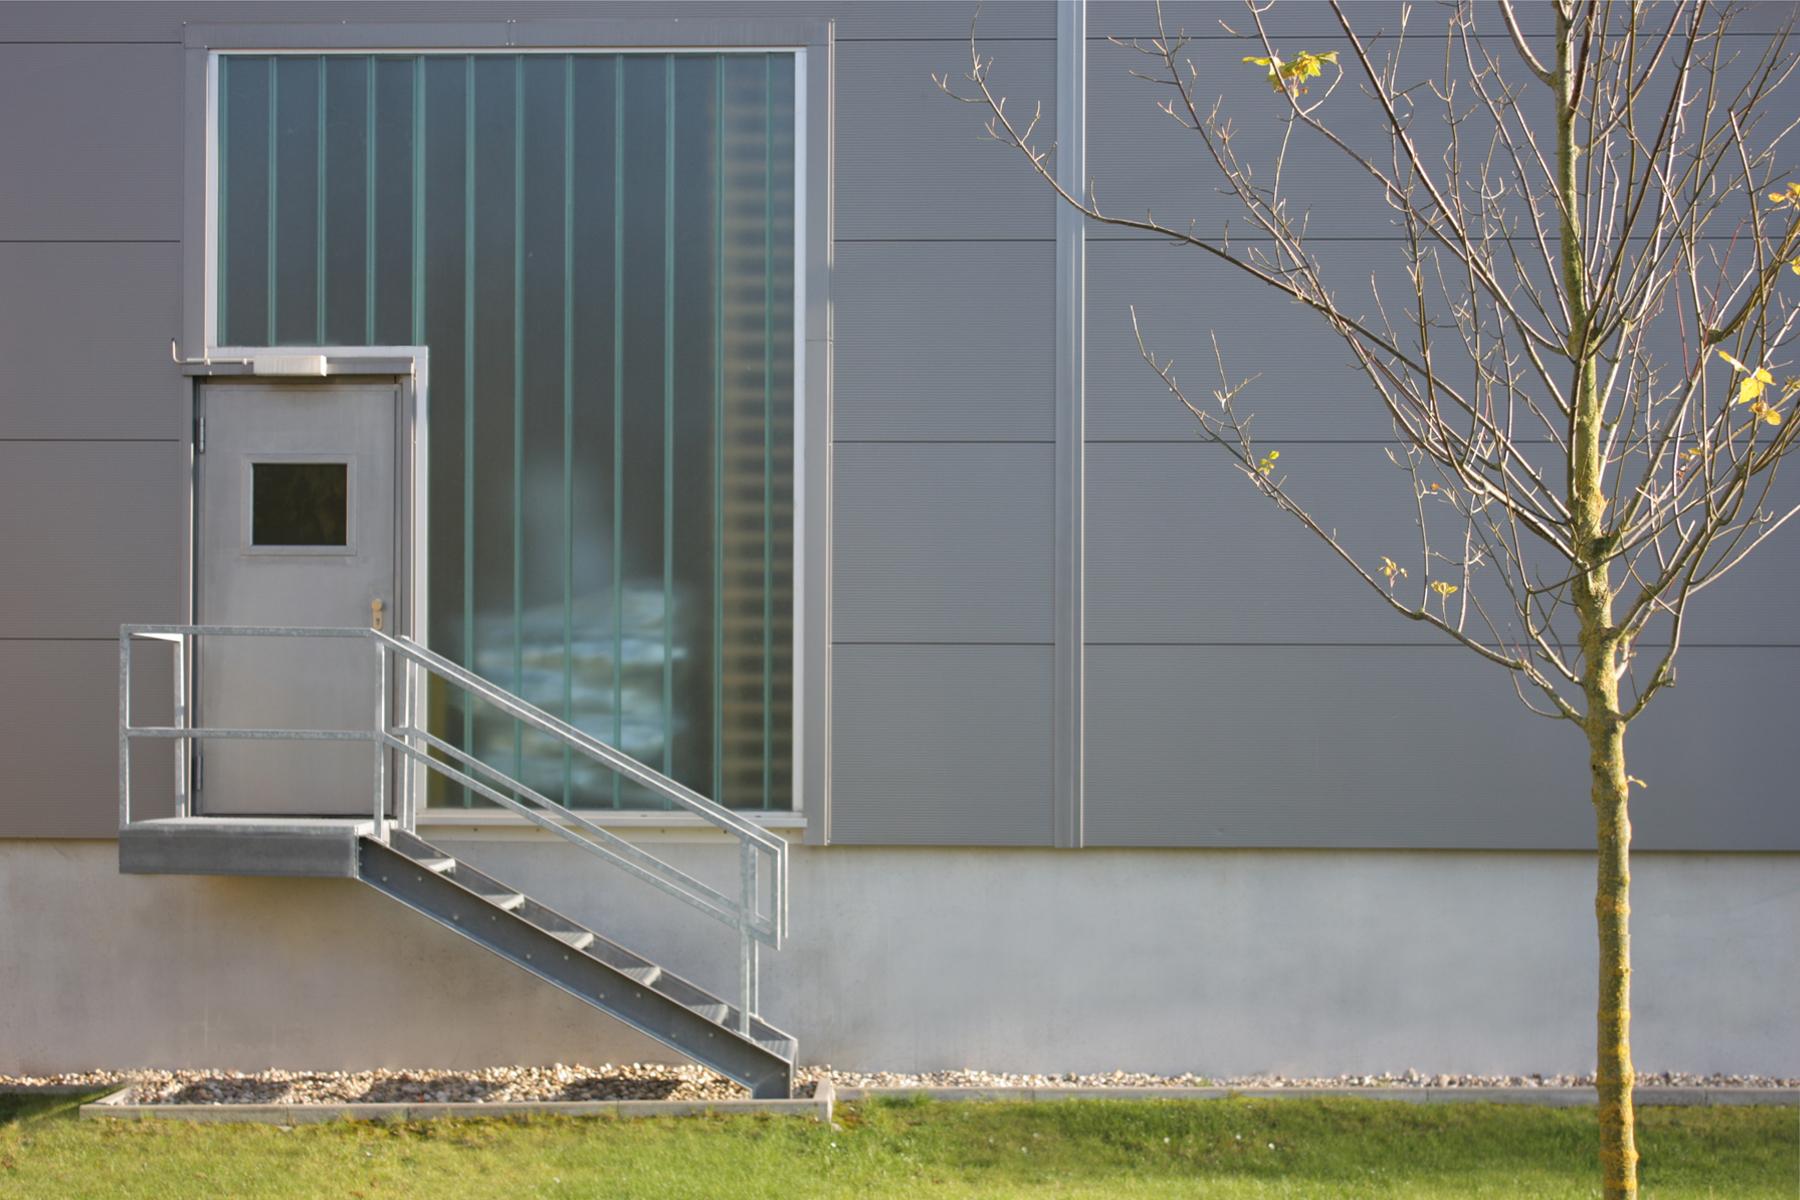 Industriebau - Funktionalität wirkt sich fördernd auf die Produktivität eines Unternehmens aus, architektonische Gestaltung bestimmt die Wirkung und Darstellung in der Öffentlichkeit